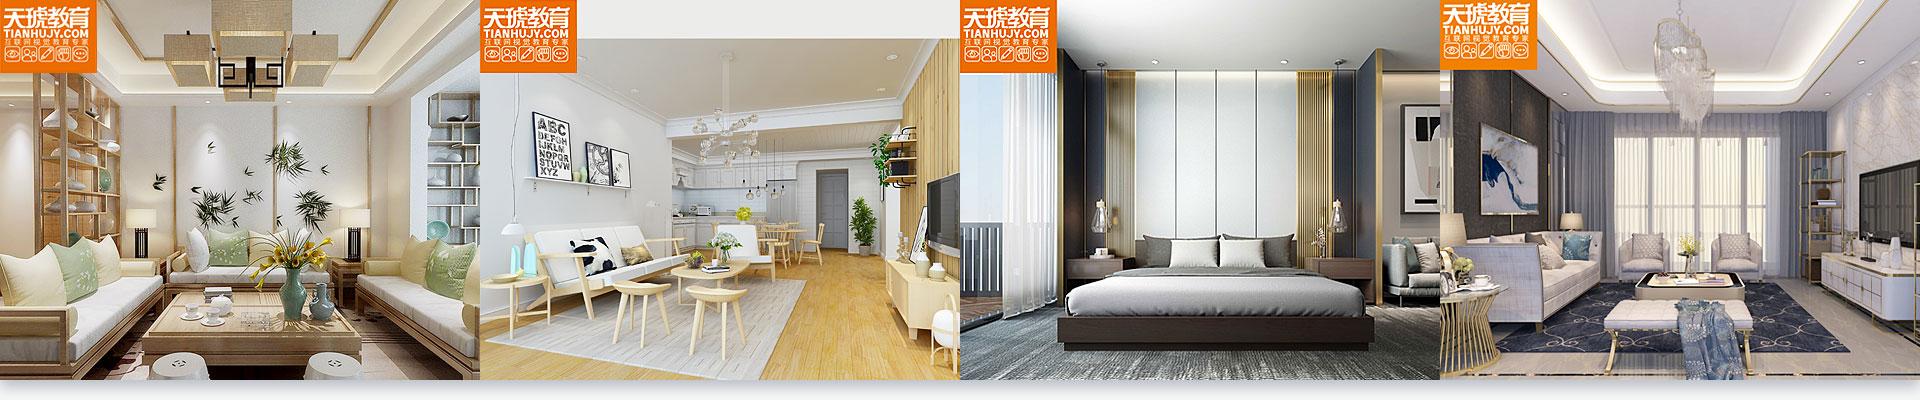 上海室内设计培训推荐